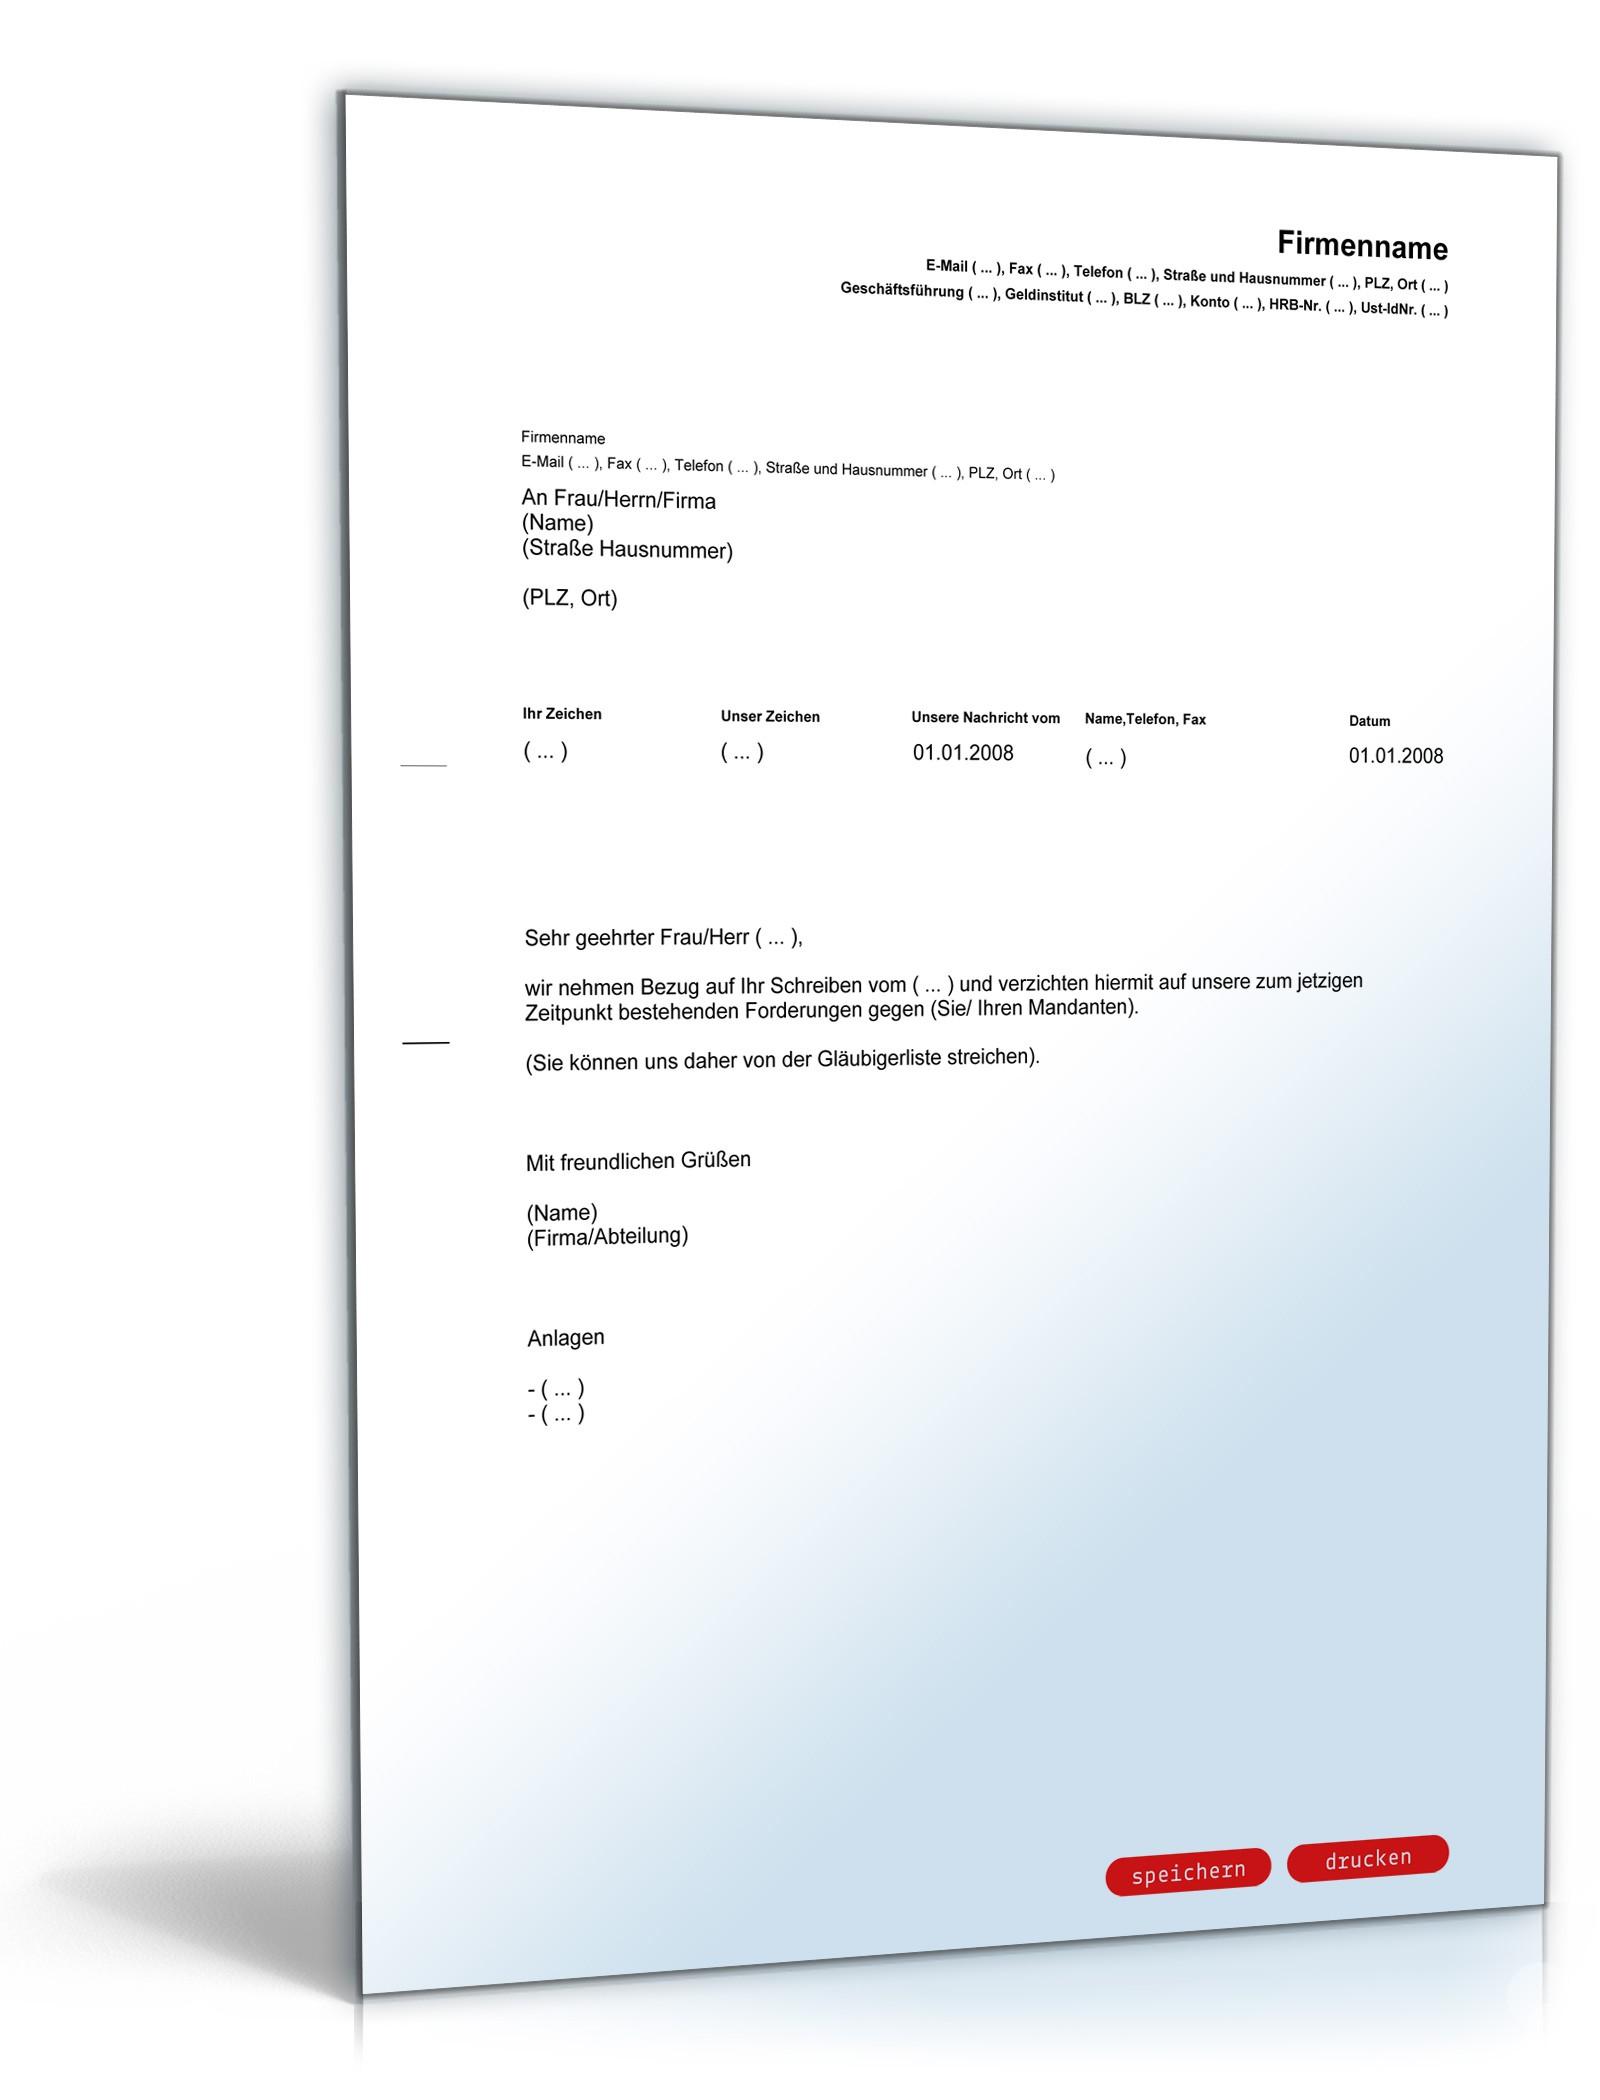 forderungsverzicht im insolvenzverfahren muster zum download - Verzichtserklarung Muster